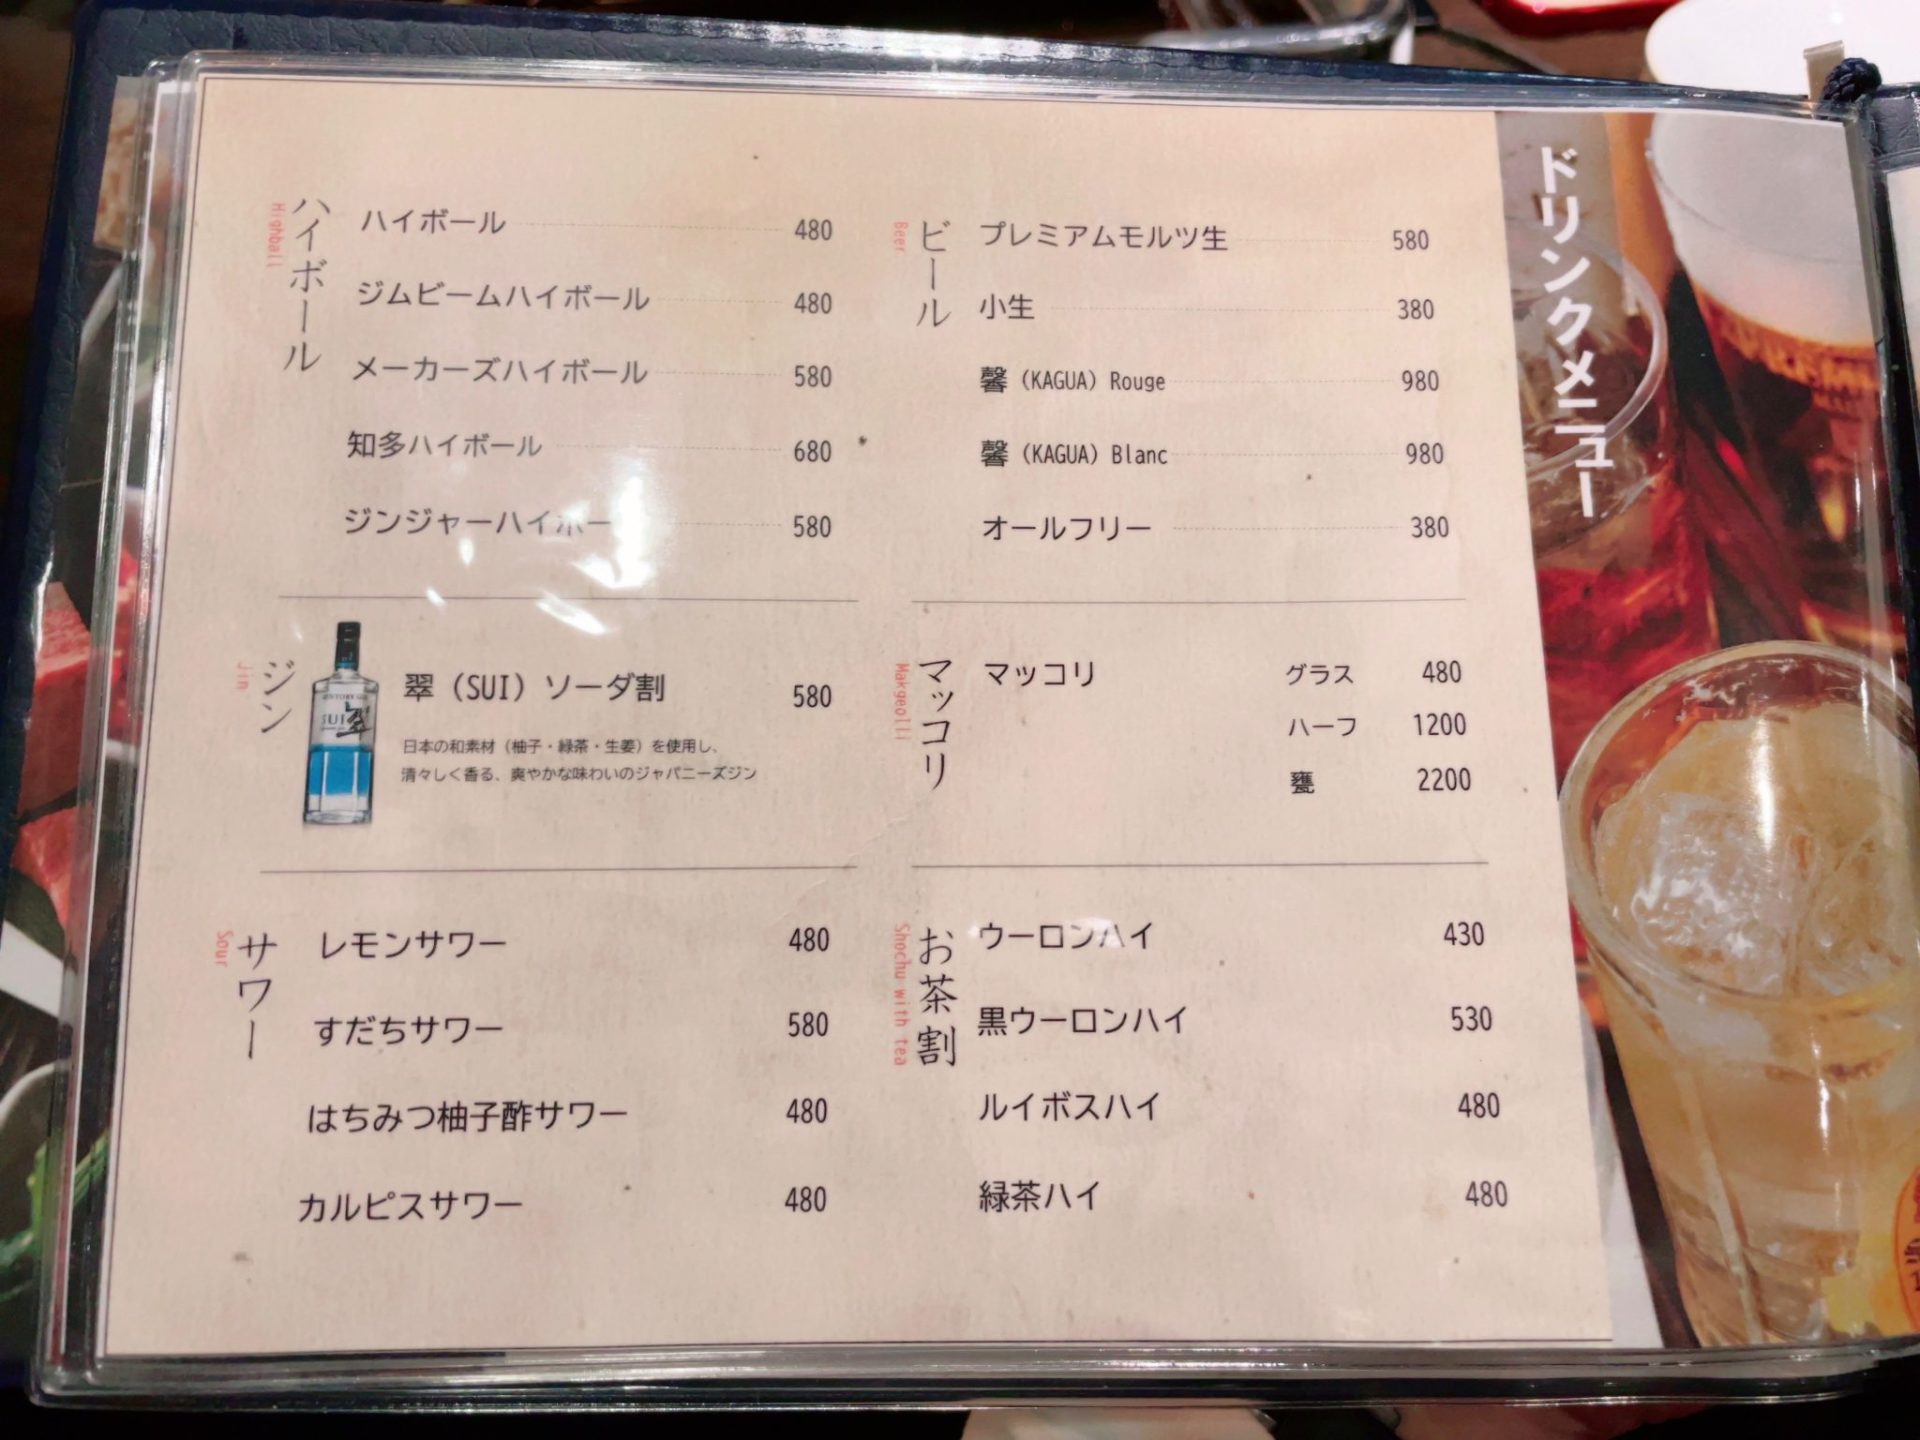 芝浦駒沢本店のドリンクメニュー